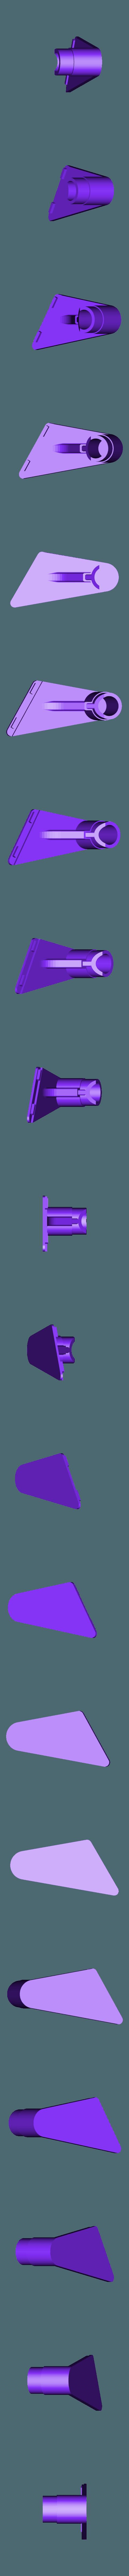 PanierRecyclage - SupportPoigneeMiroir.stl Télécharger fichier STL gratuit Panier recyclage • Objet imprimable en 3D, mrballeure